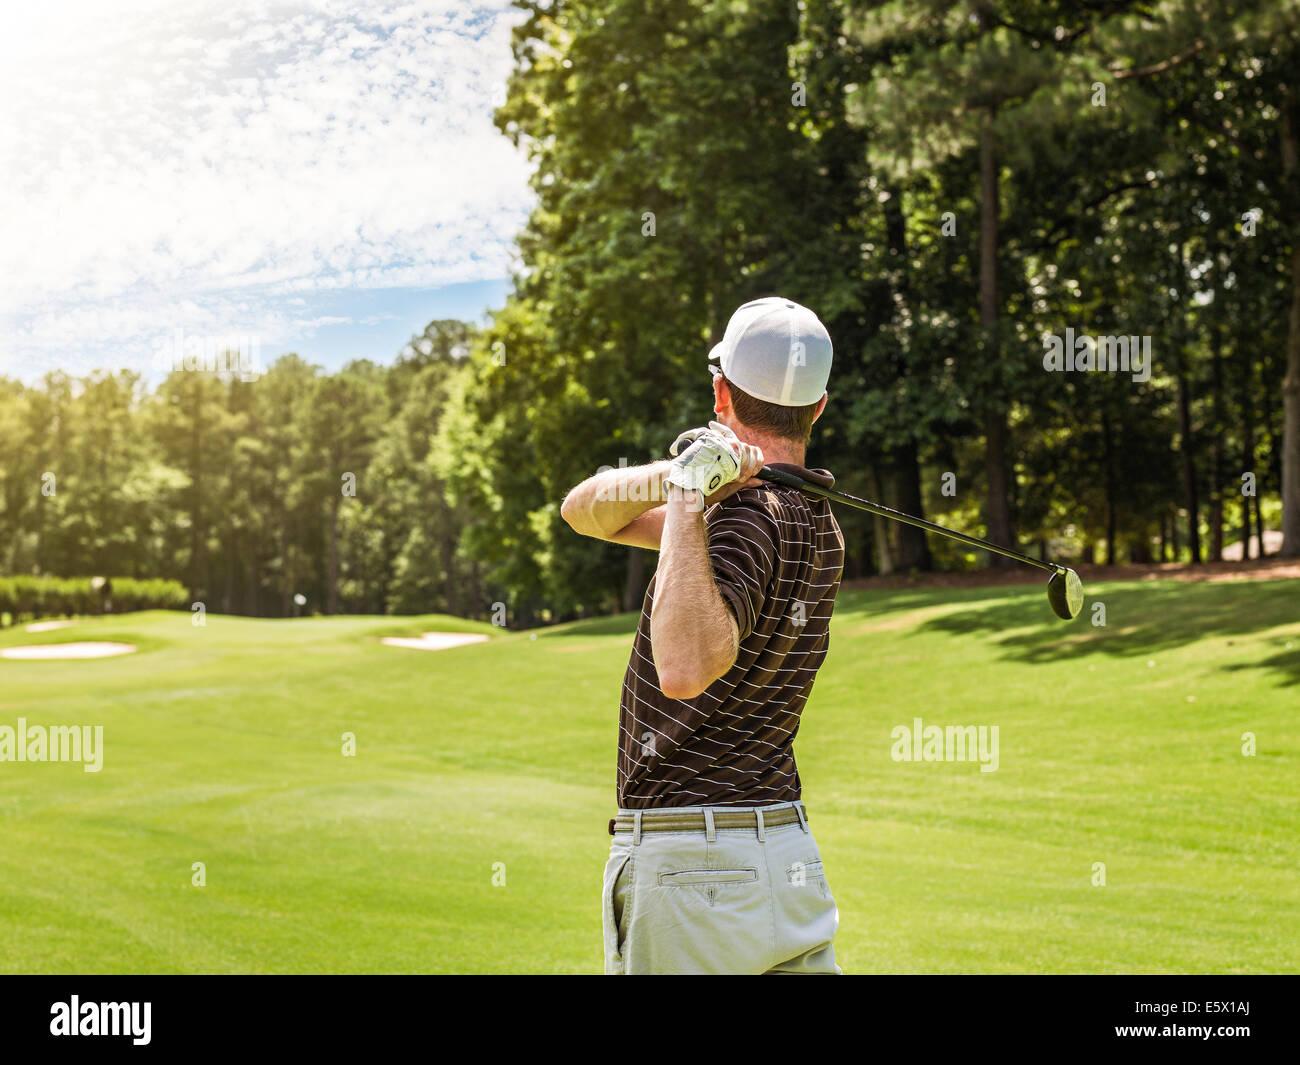 Hinteren Hüfte aufwärts Blick der jungen männlichen Golfer Abschlag am Golfplatz, Apex, North Carolina, Stockbild